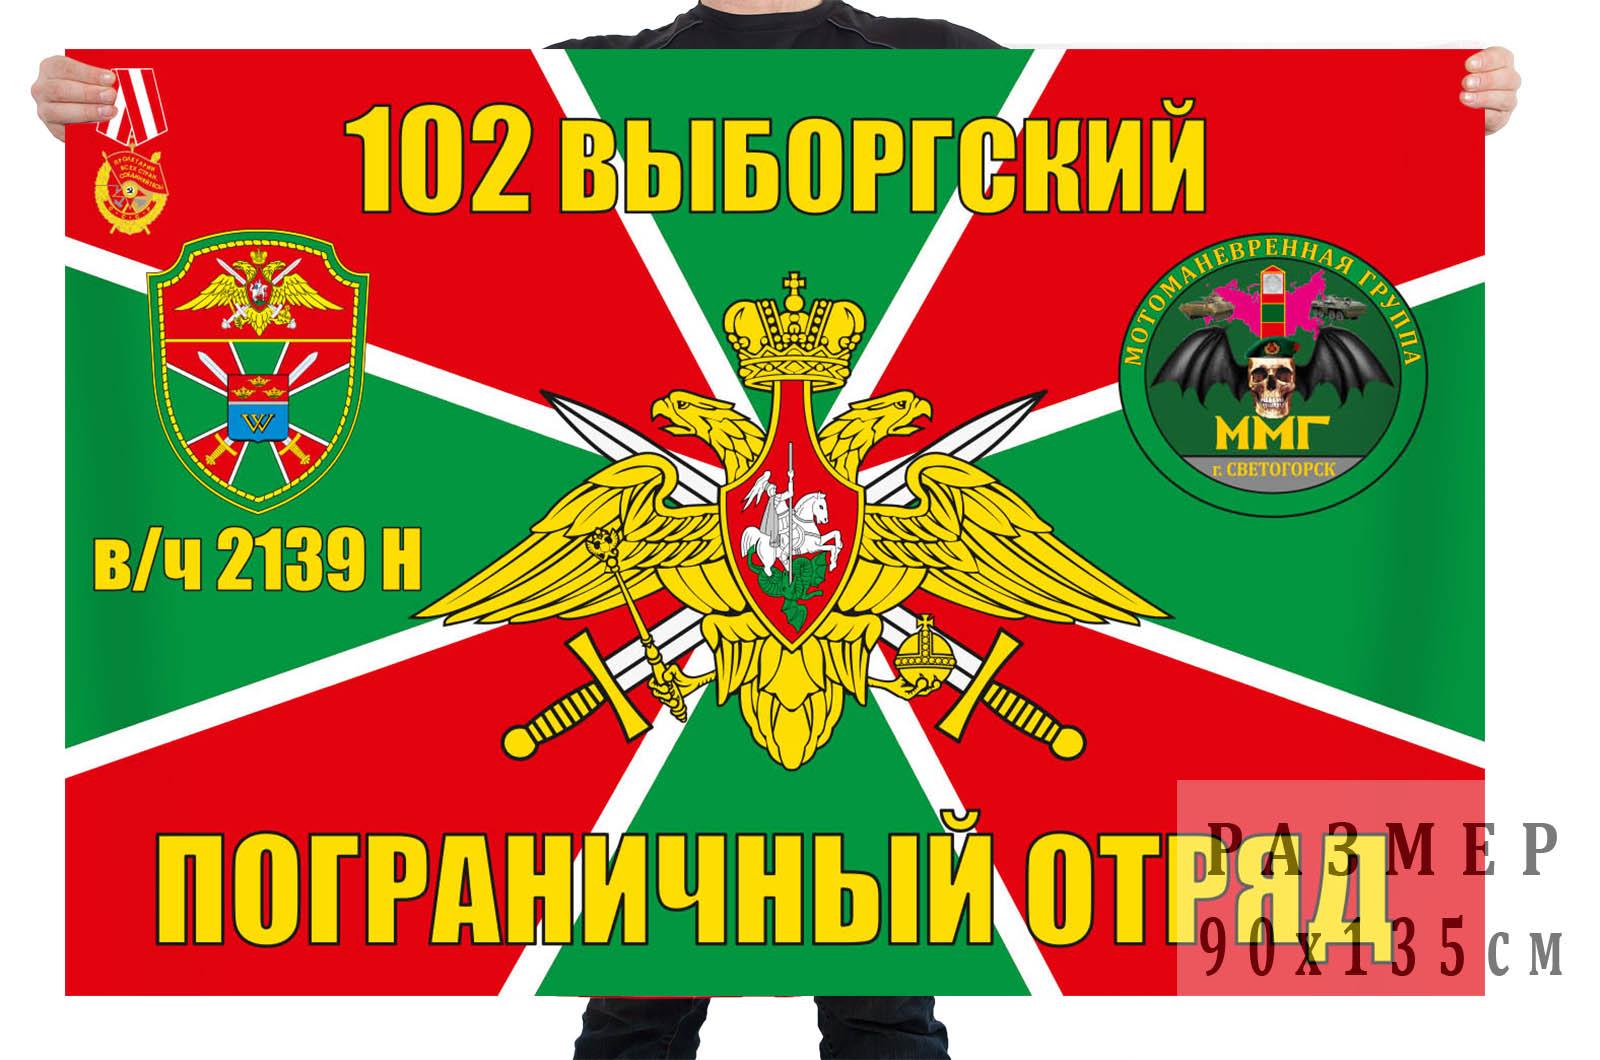 Флаг мотоманёвренной группы 102 пограничного отряда